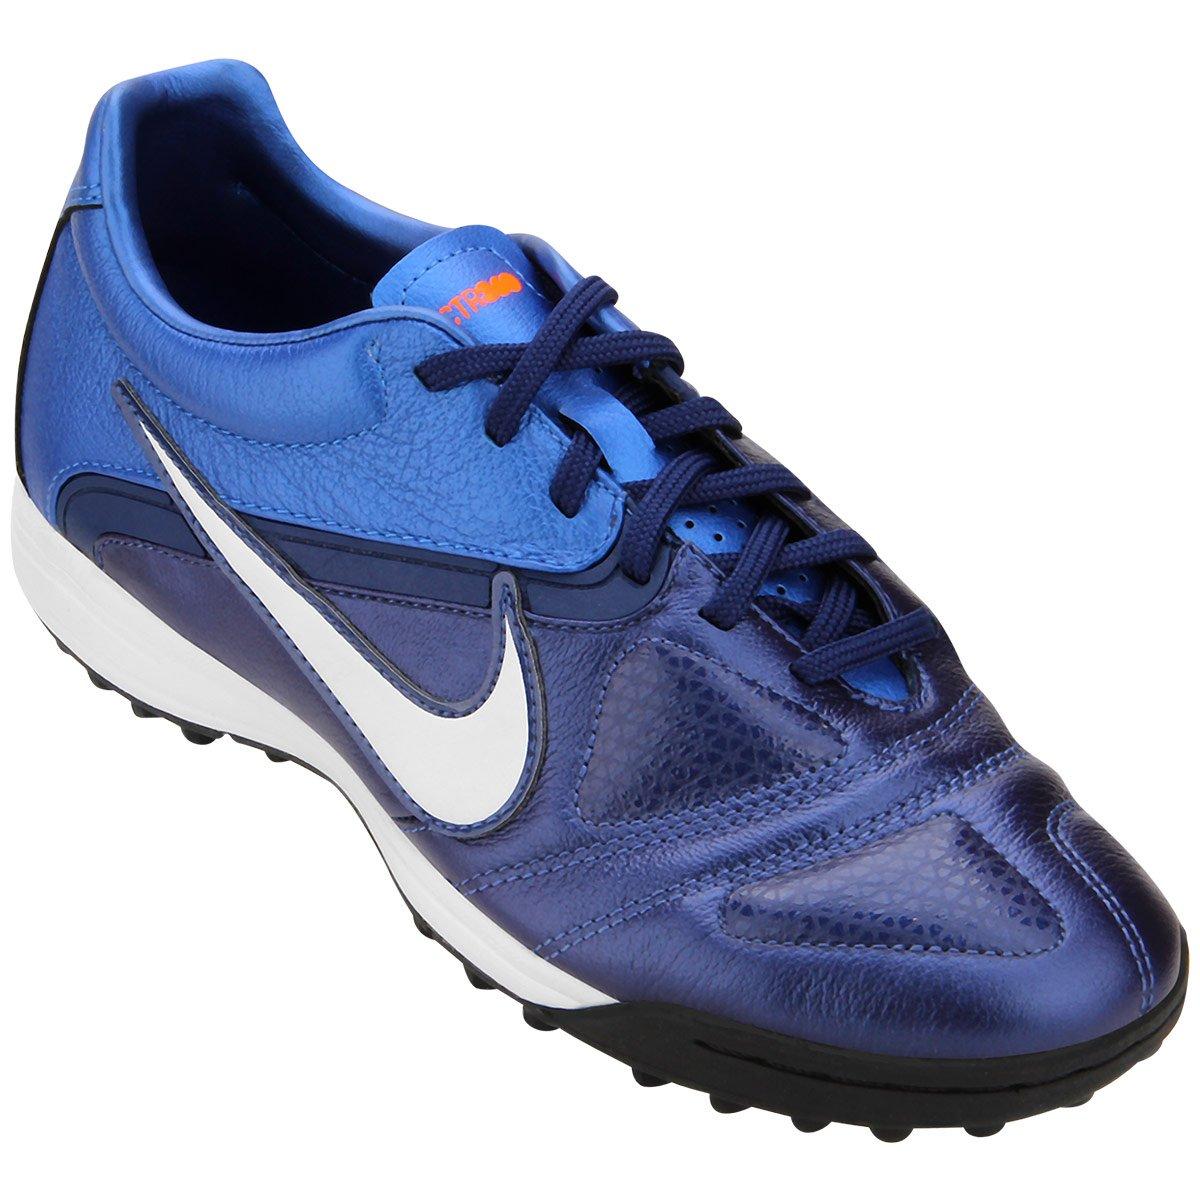 Chuteira Society Nike CTR360 Libretto 2 - Compre Agora  1b5831b721de0